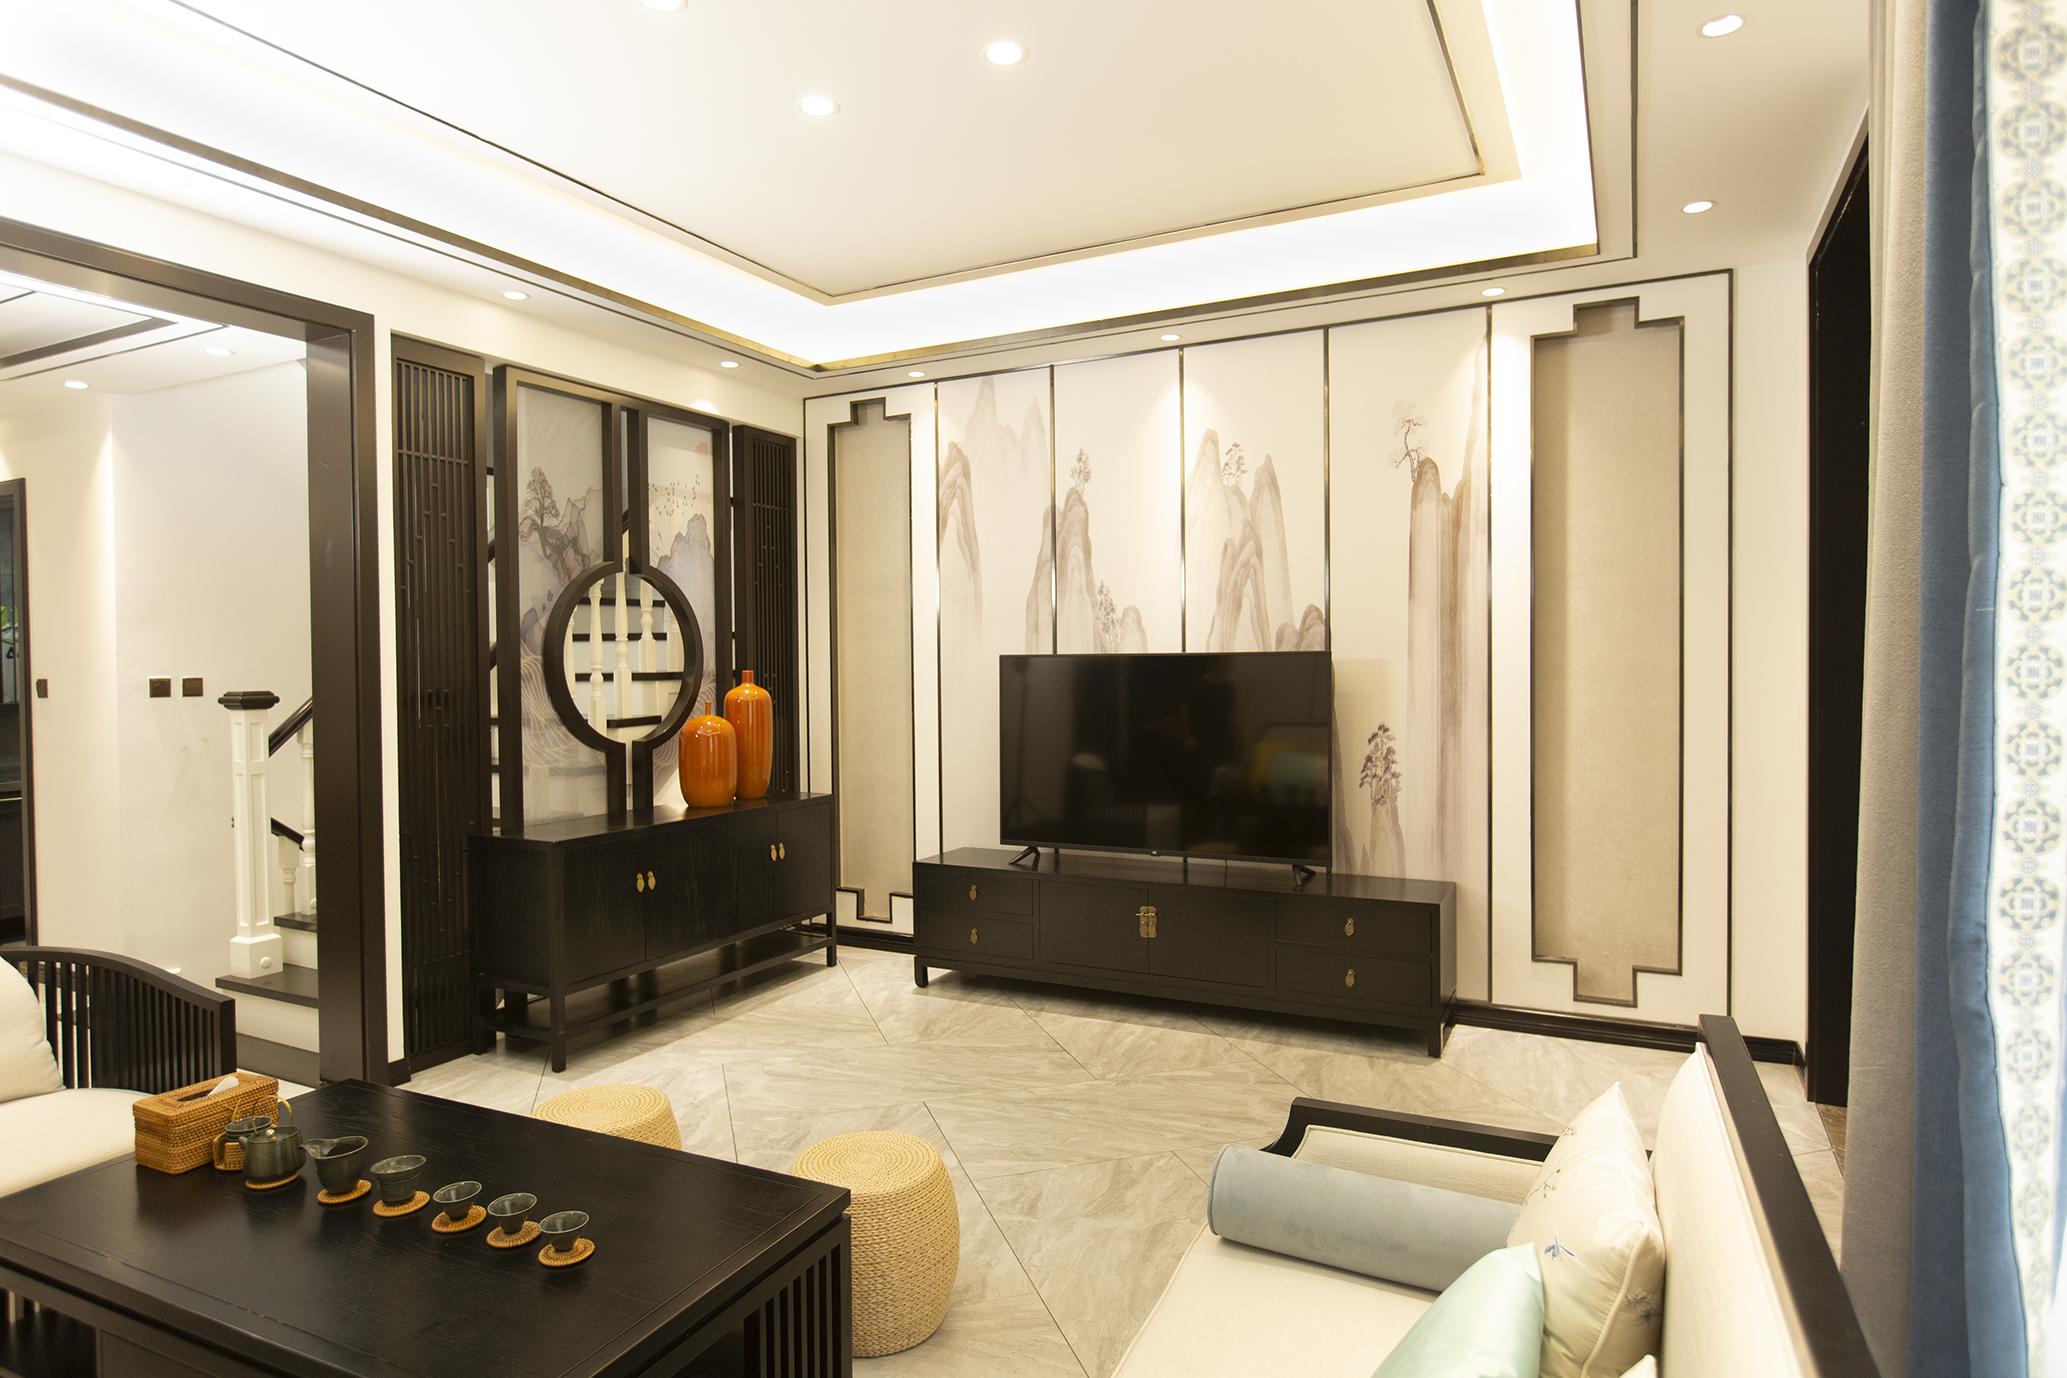 新中式风格别墅电视背景墙装修效果图